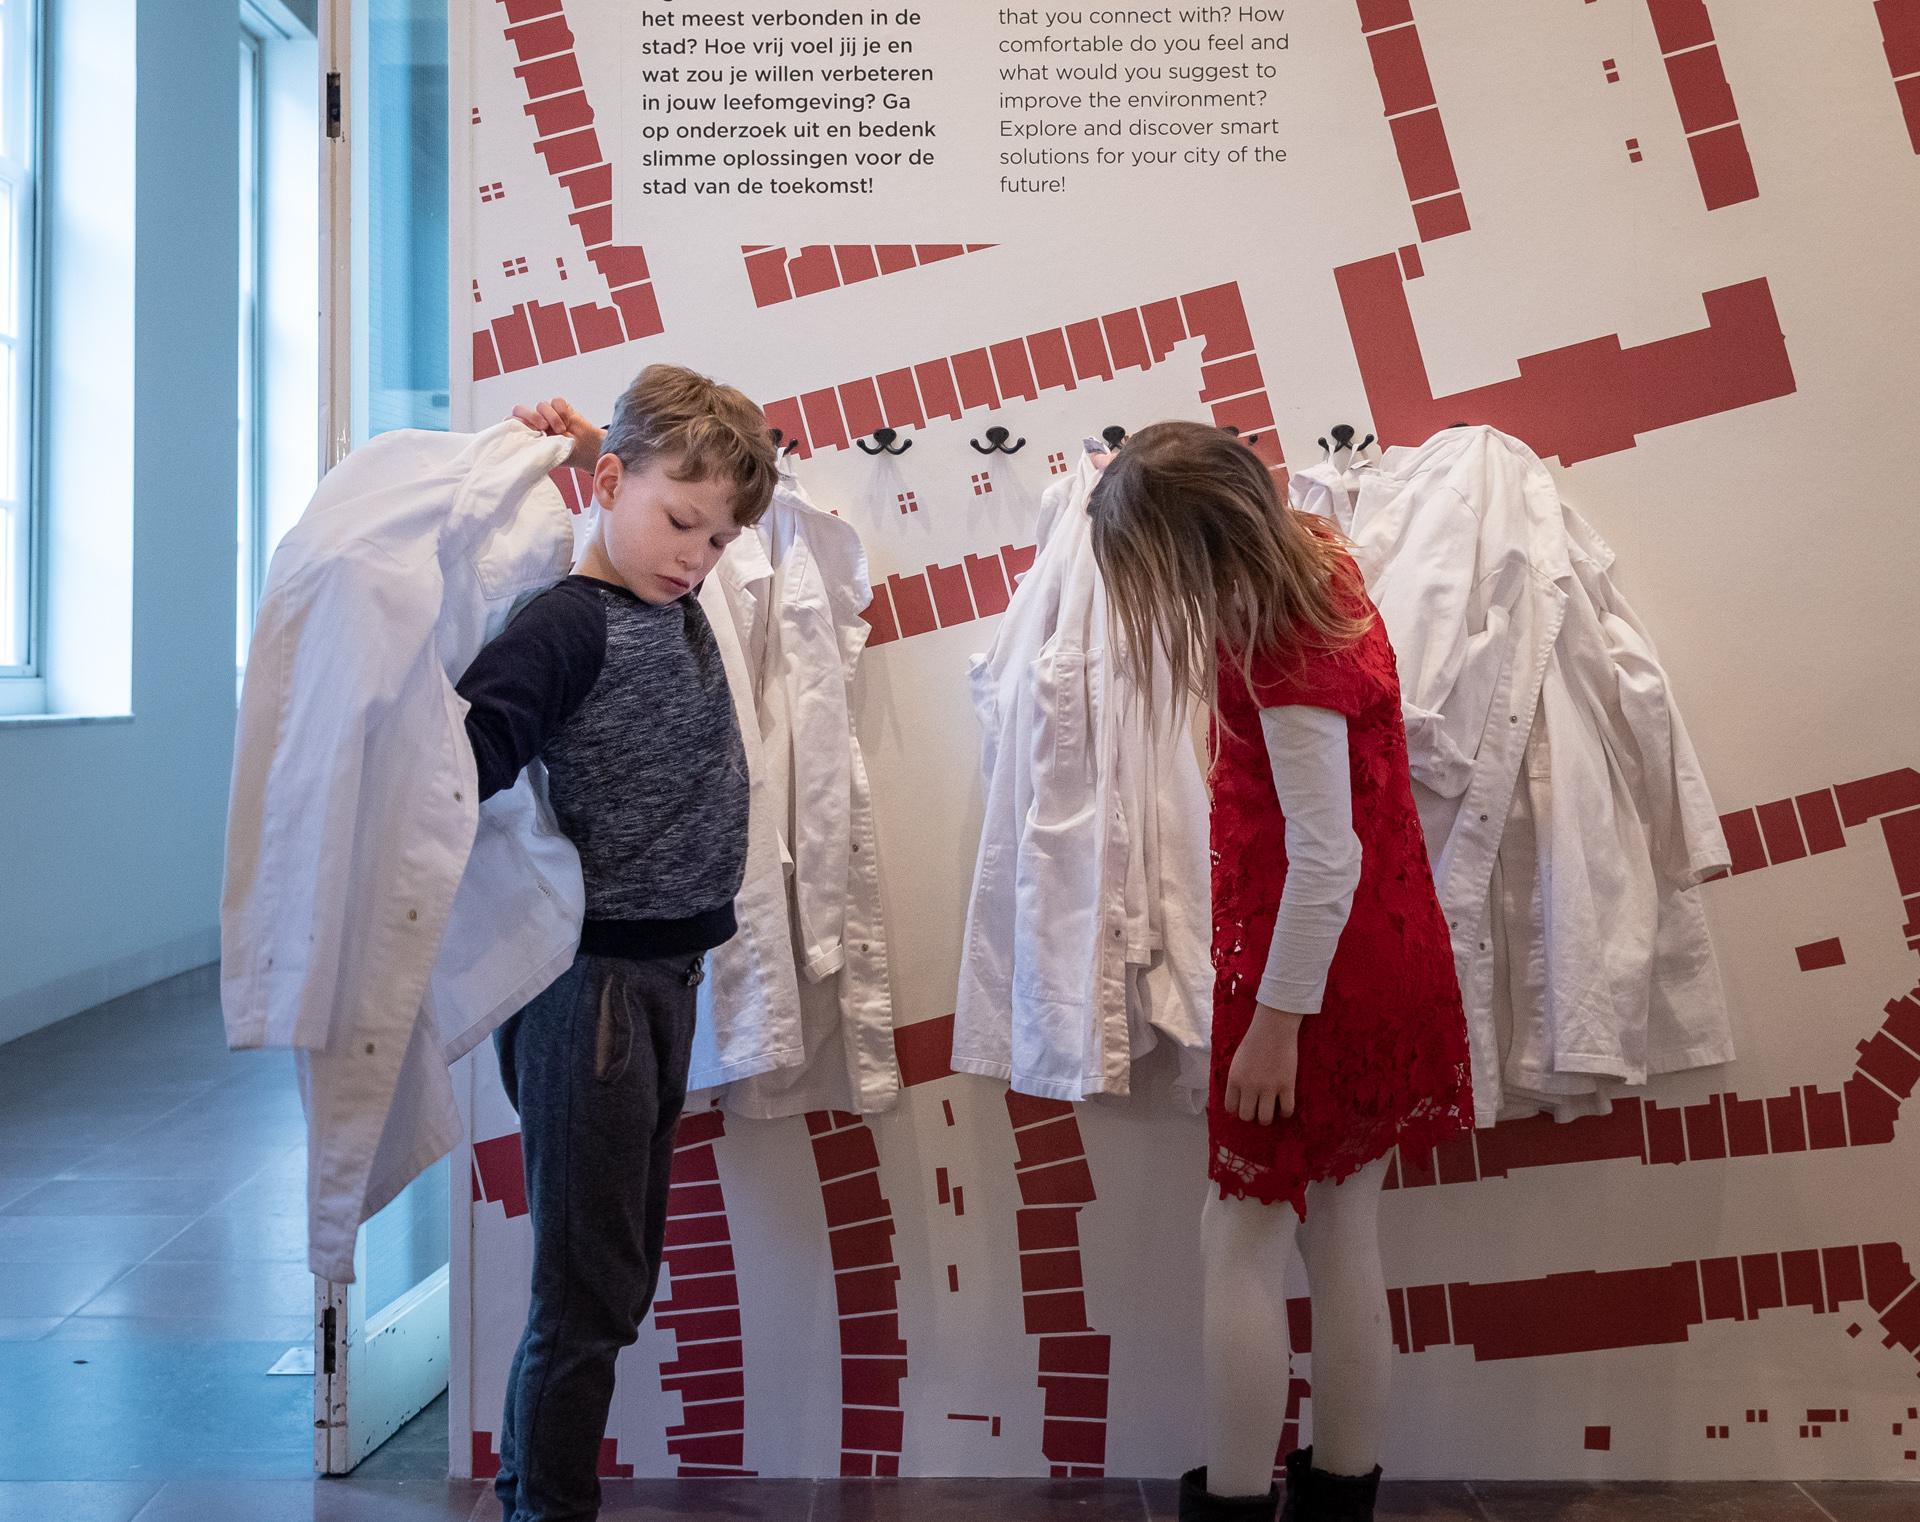 tentoonstellingsontwerp stadslab2 amsterdam museum 1 jpg